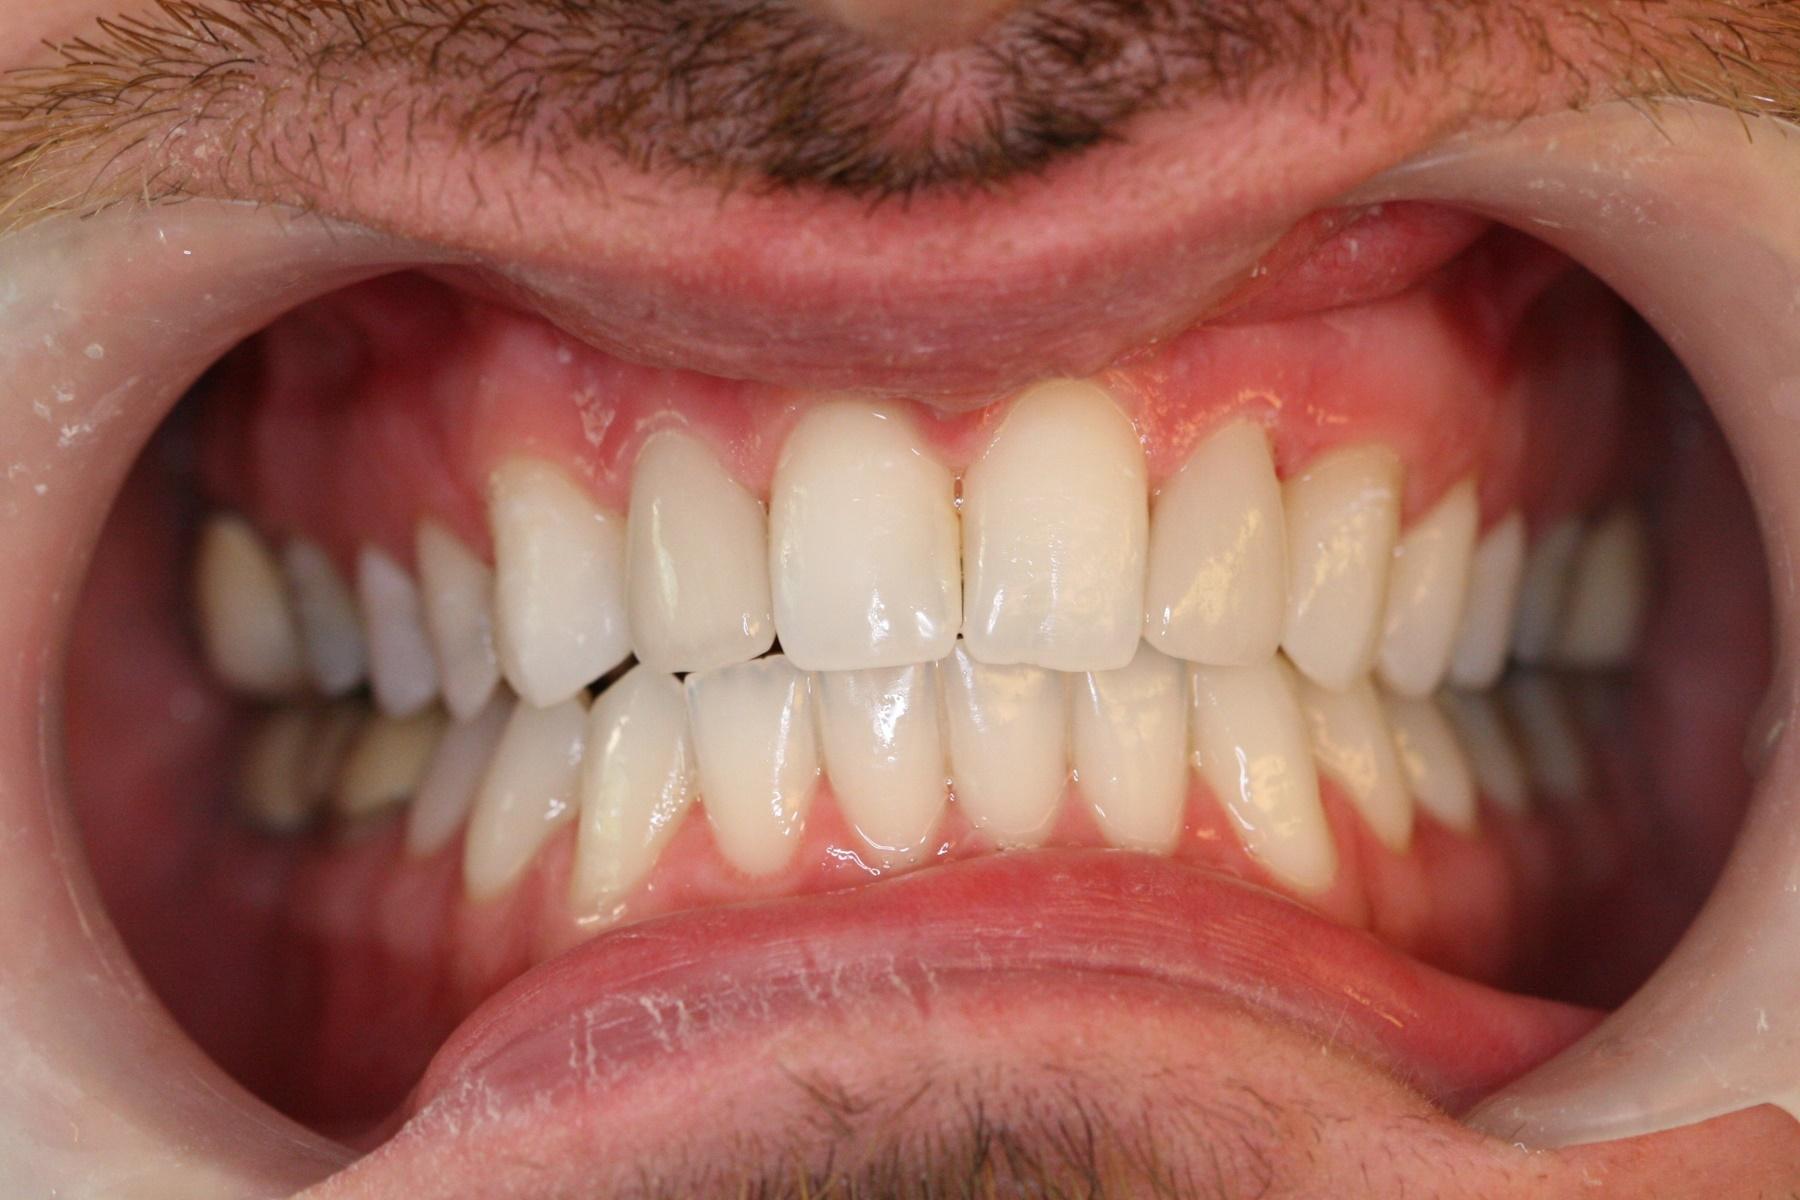 Λεύκανση δοντιών :  Λάμψη και αστραφτερότητα με διάρκεια